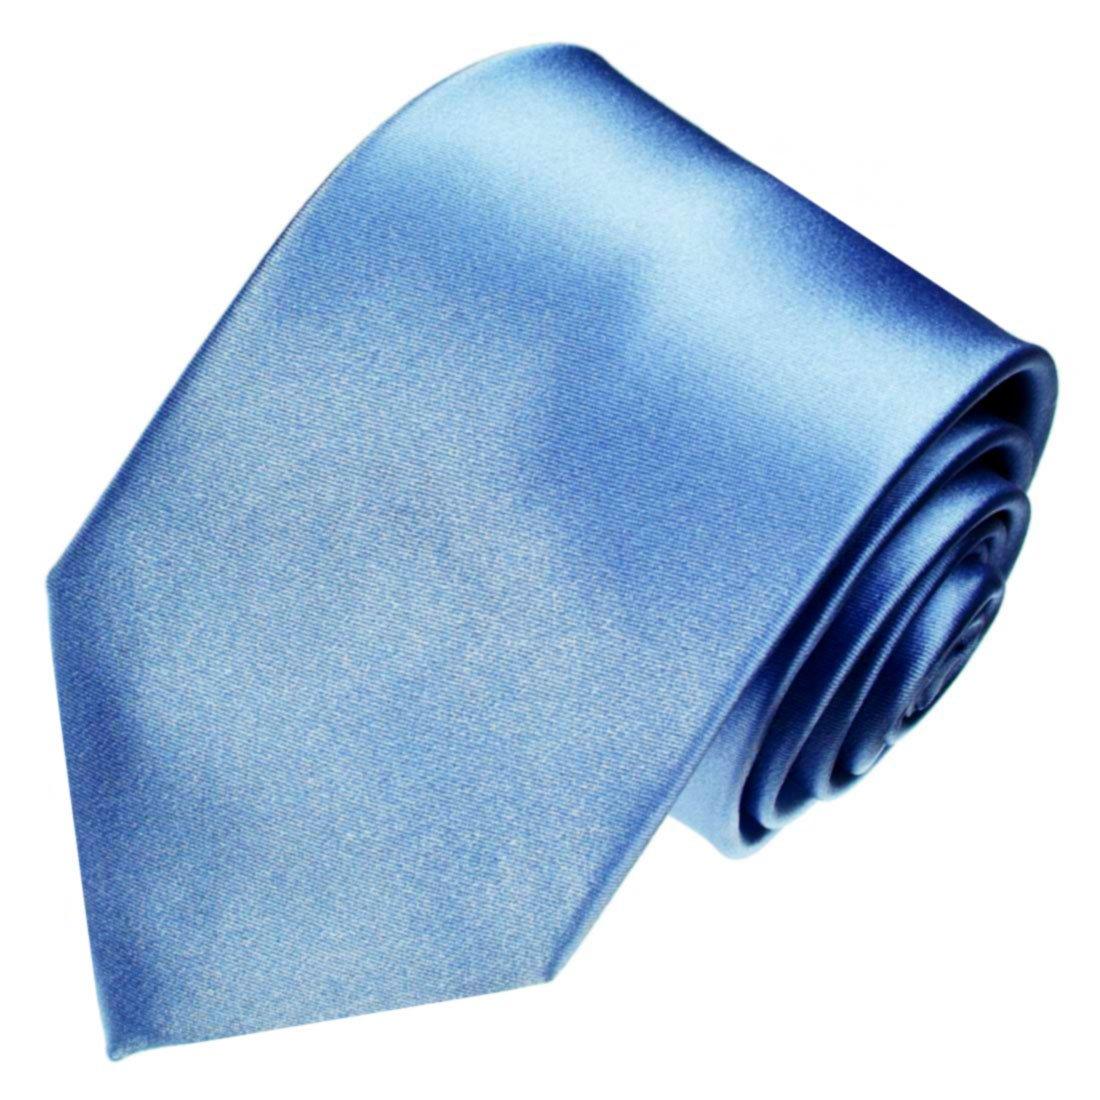 LORENZO CANA - Marcas corbata de seda 100% - Corbata Azul Claro ...